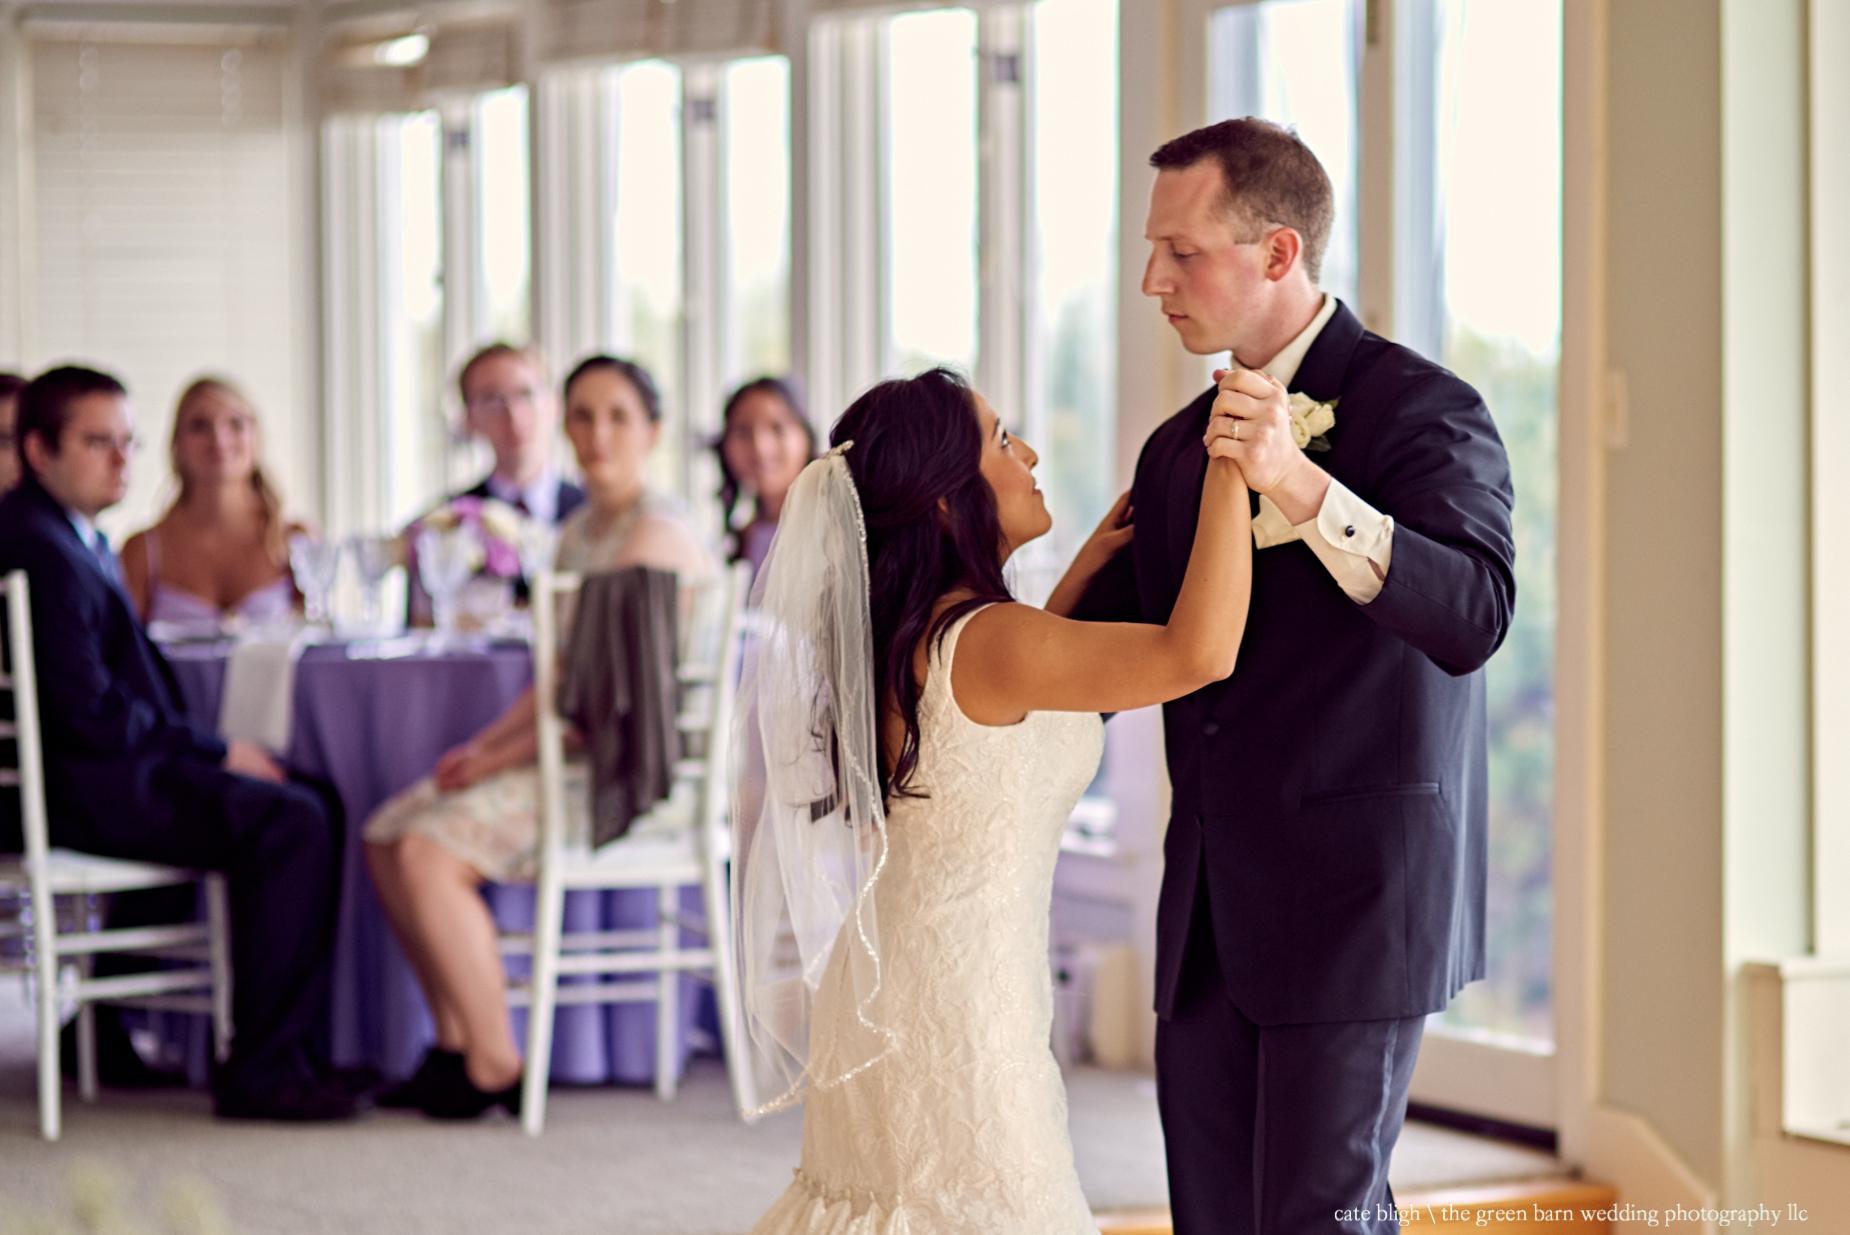 cape-elizabeth-wedding-photos-by-cate-bligh-148.jpg